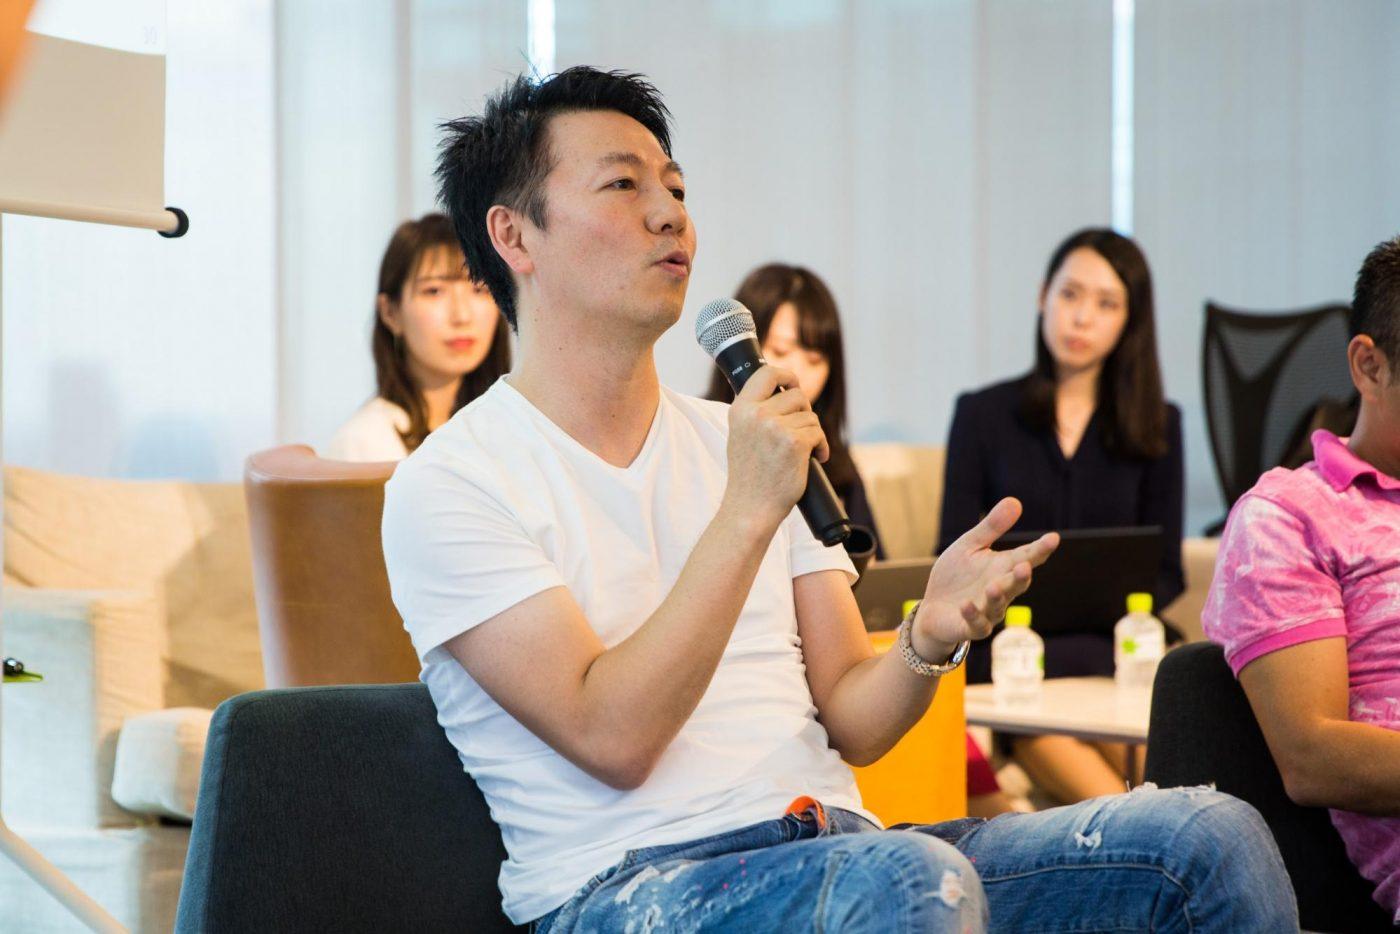 ■倉林陽(くらばやし・あきら) DNX Ventures Managing Director 富士通及び三井物産にて日米でのベンチャーキャピタル業務を担当後、Globespan Capital Partners及びSalesforce Venturesの日本代表を歴任。2015年3月よりDNX Ventures (旧Draper Nexus Ventures)に参画しManaging Director就任。同志社大学博士、ペンシルバニア大学ウォートンスクール経営大学院修了。著書「コーポレートベンチャーキャピタルの実務」(中央経済社)